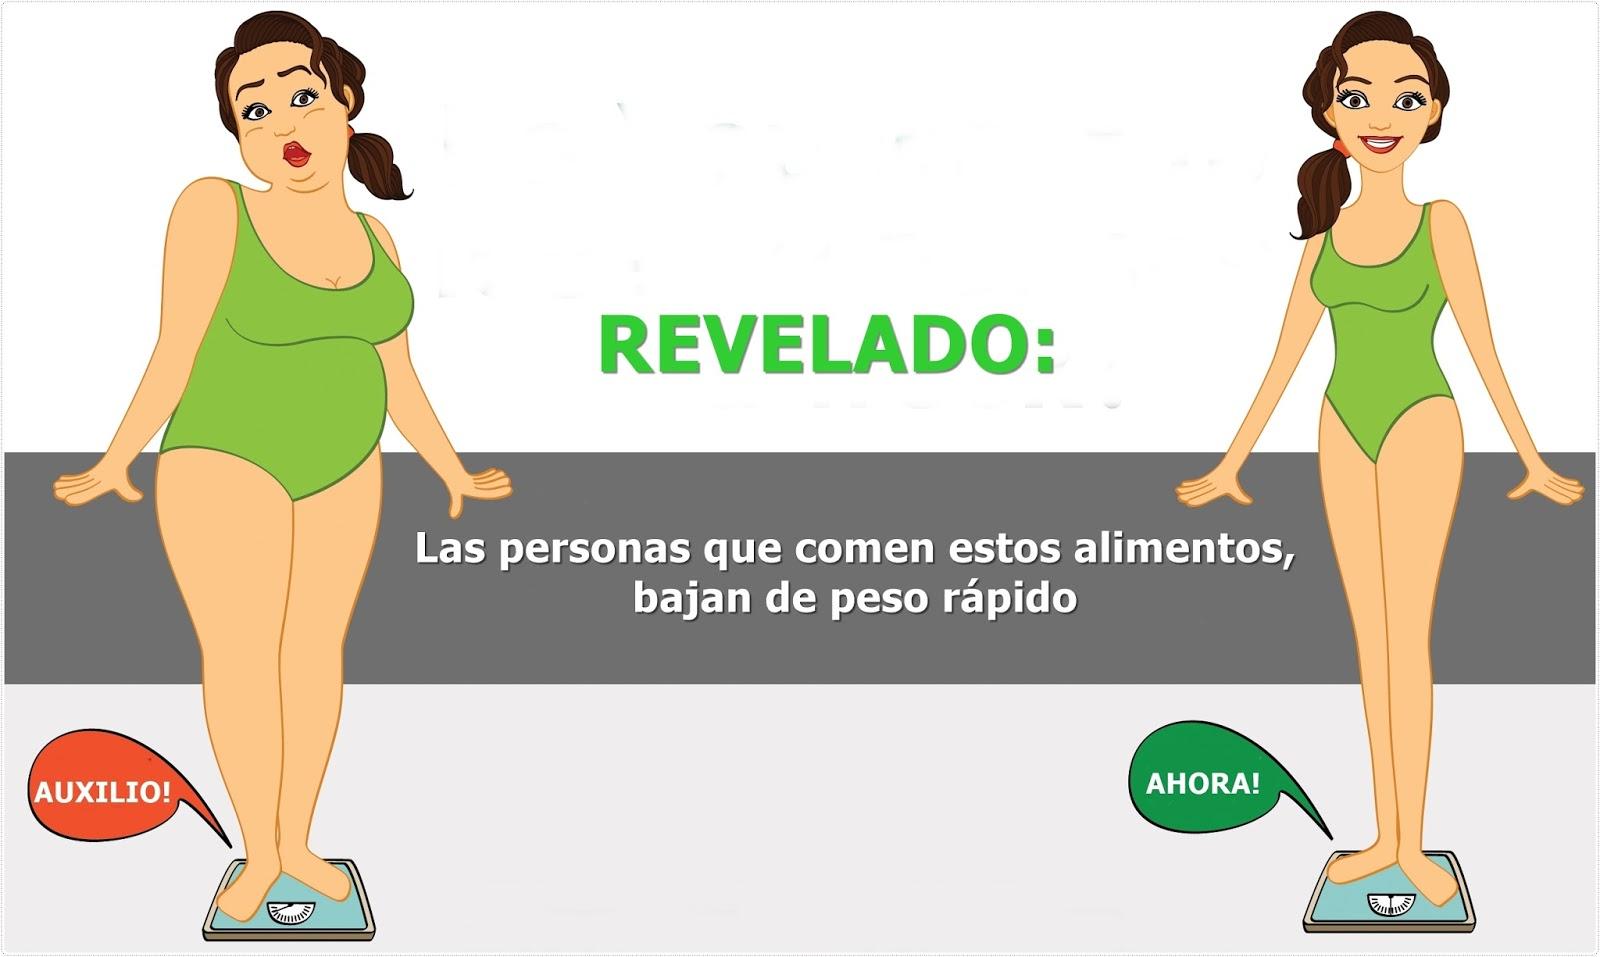 Noti Salud: Revelado: Las personas que comen estos